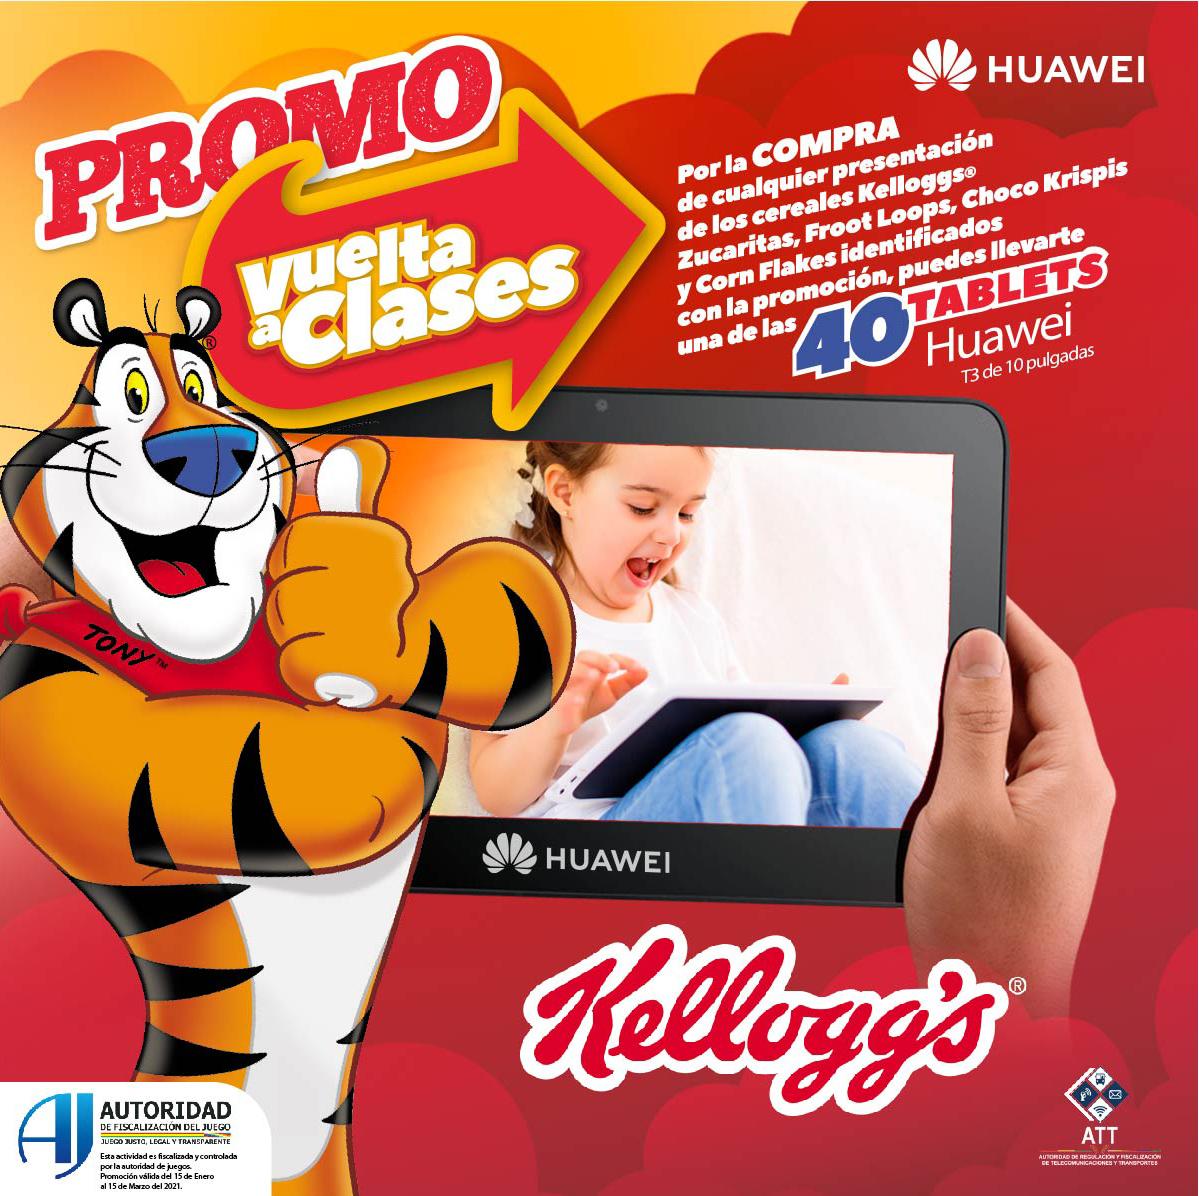 Kellogg's y Huawei se unen a través de una campaña para promover el aprendizaje de los niños bolivianos desde casa